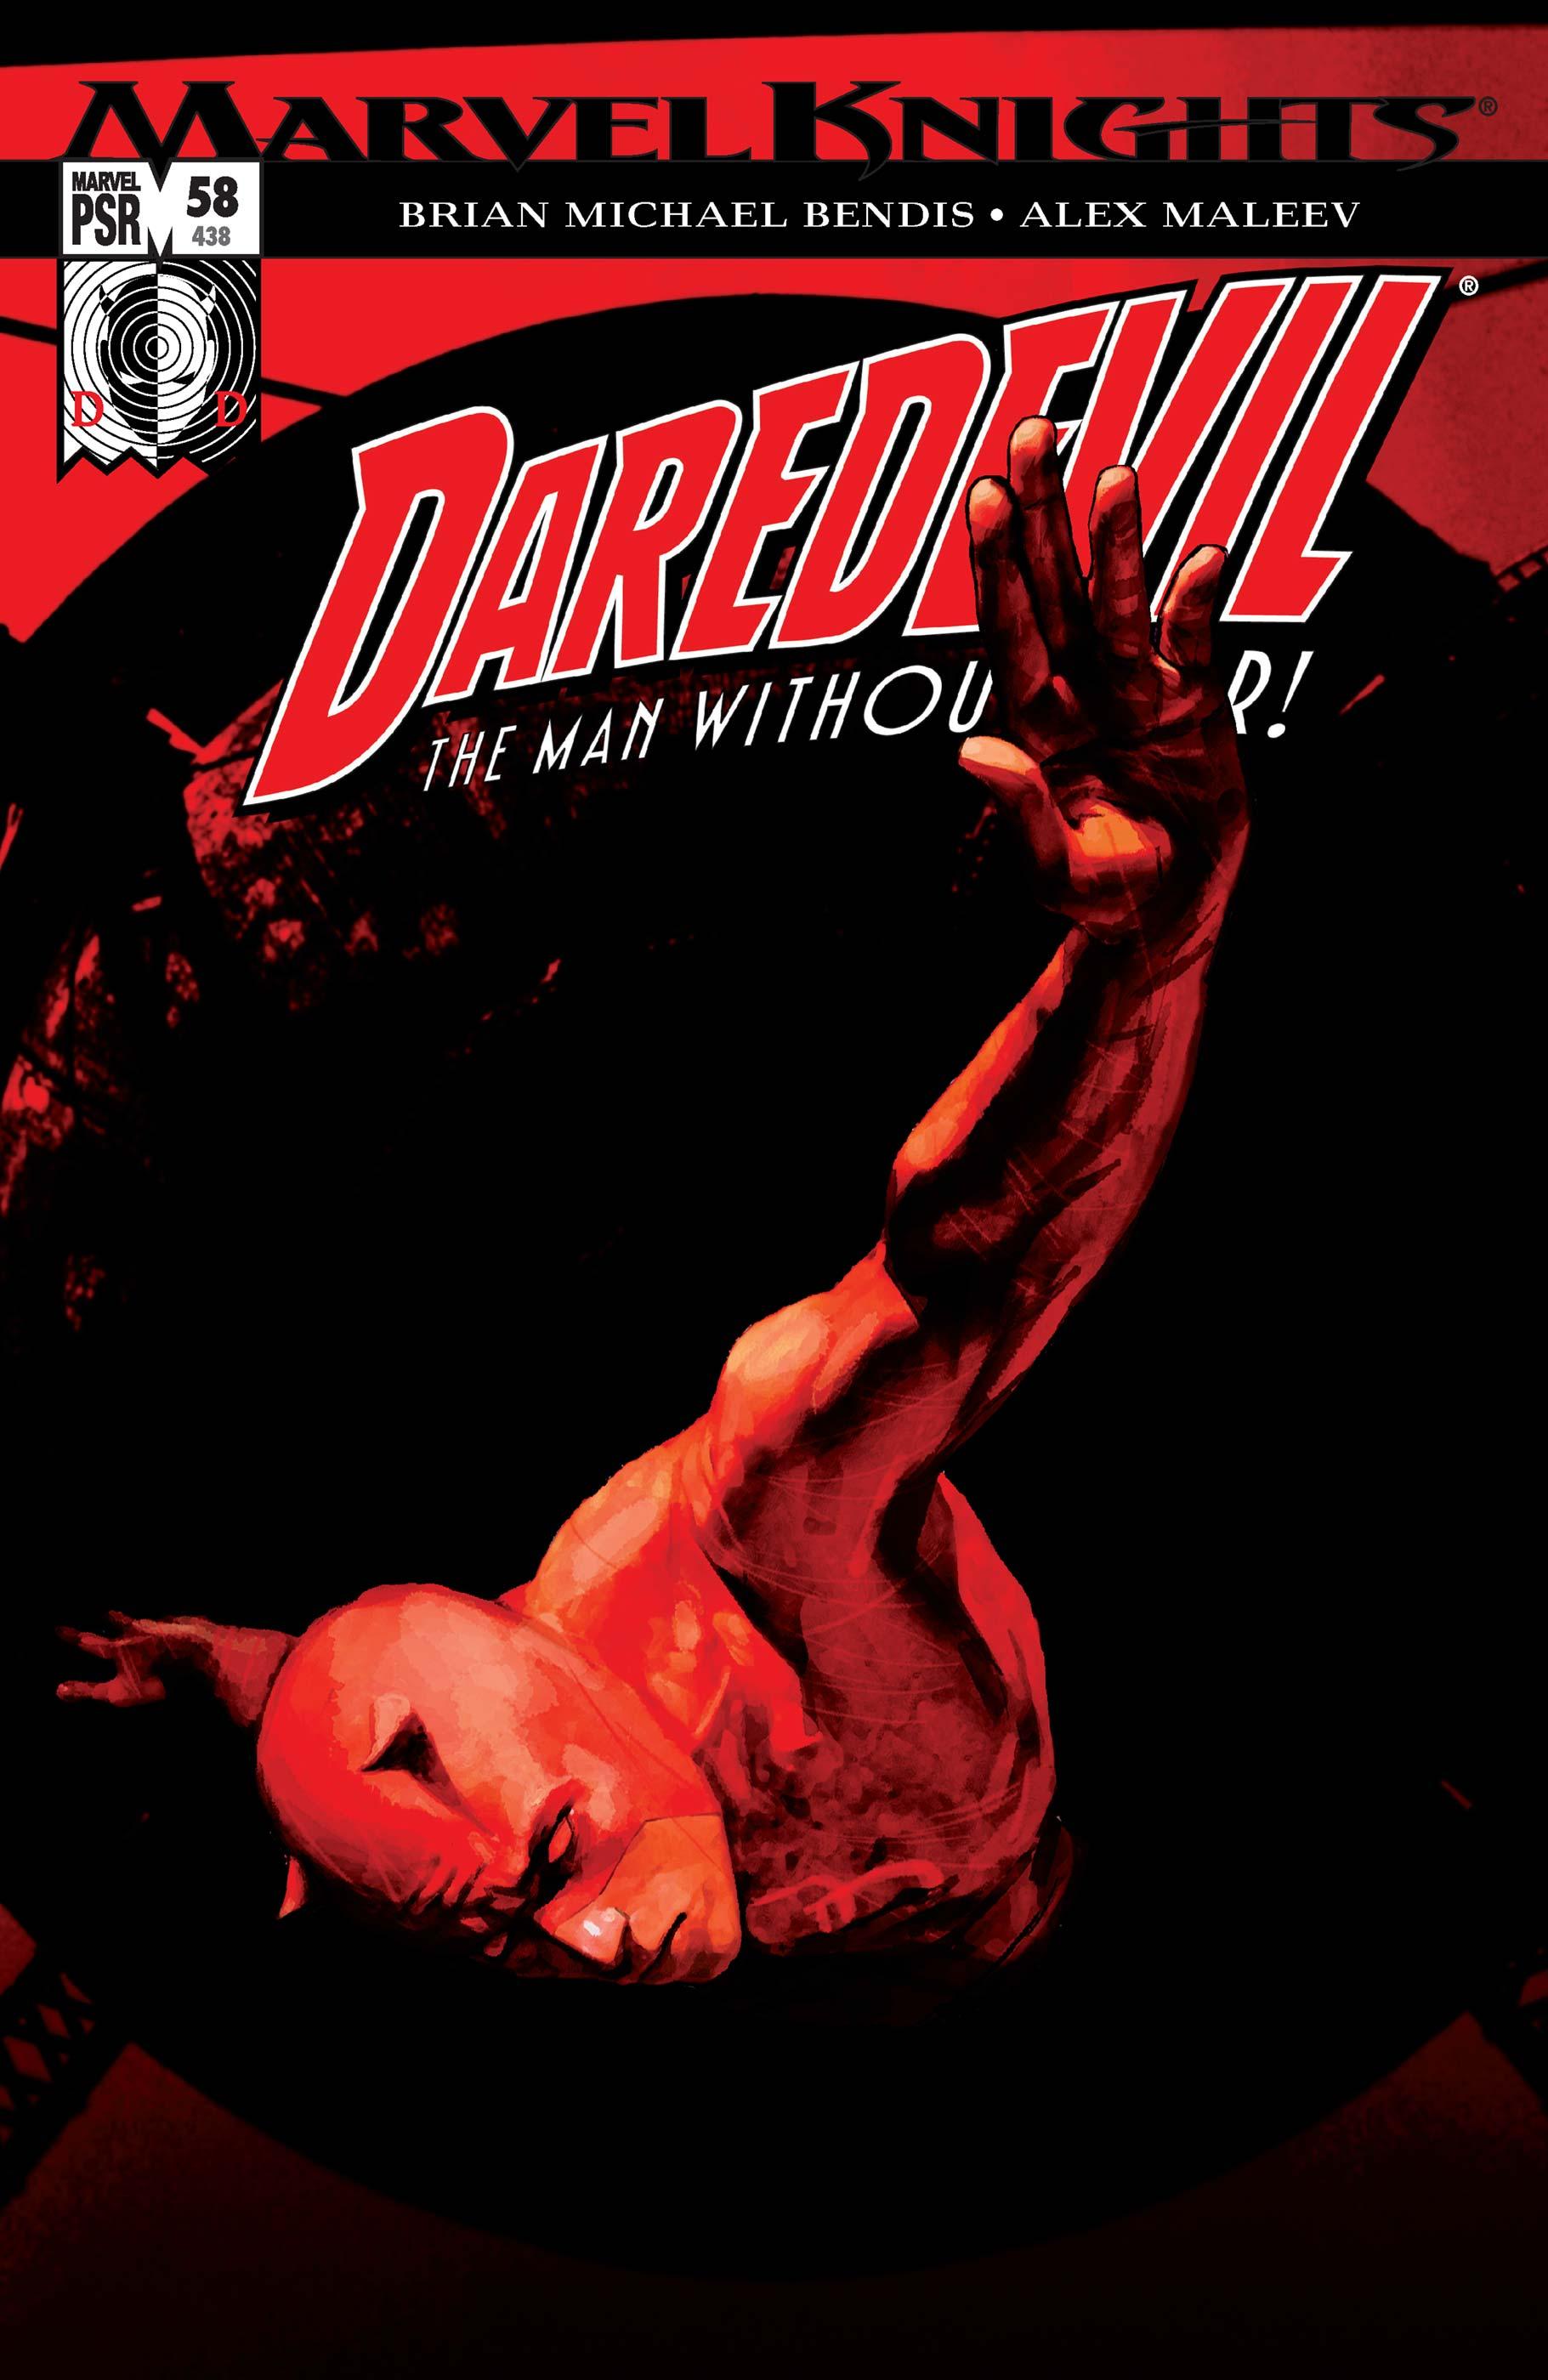 Daredevil (1998) #58